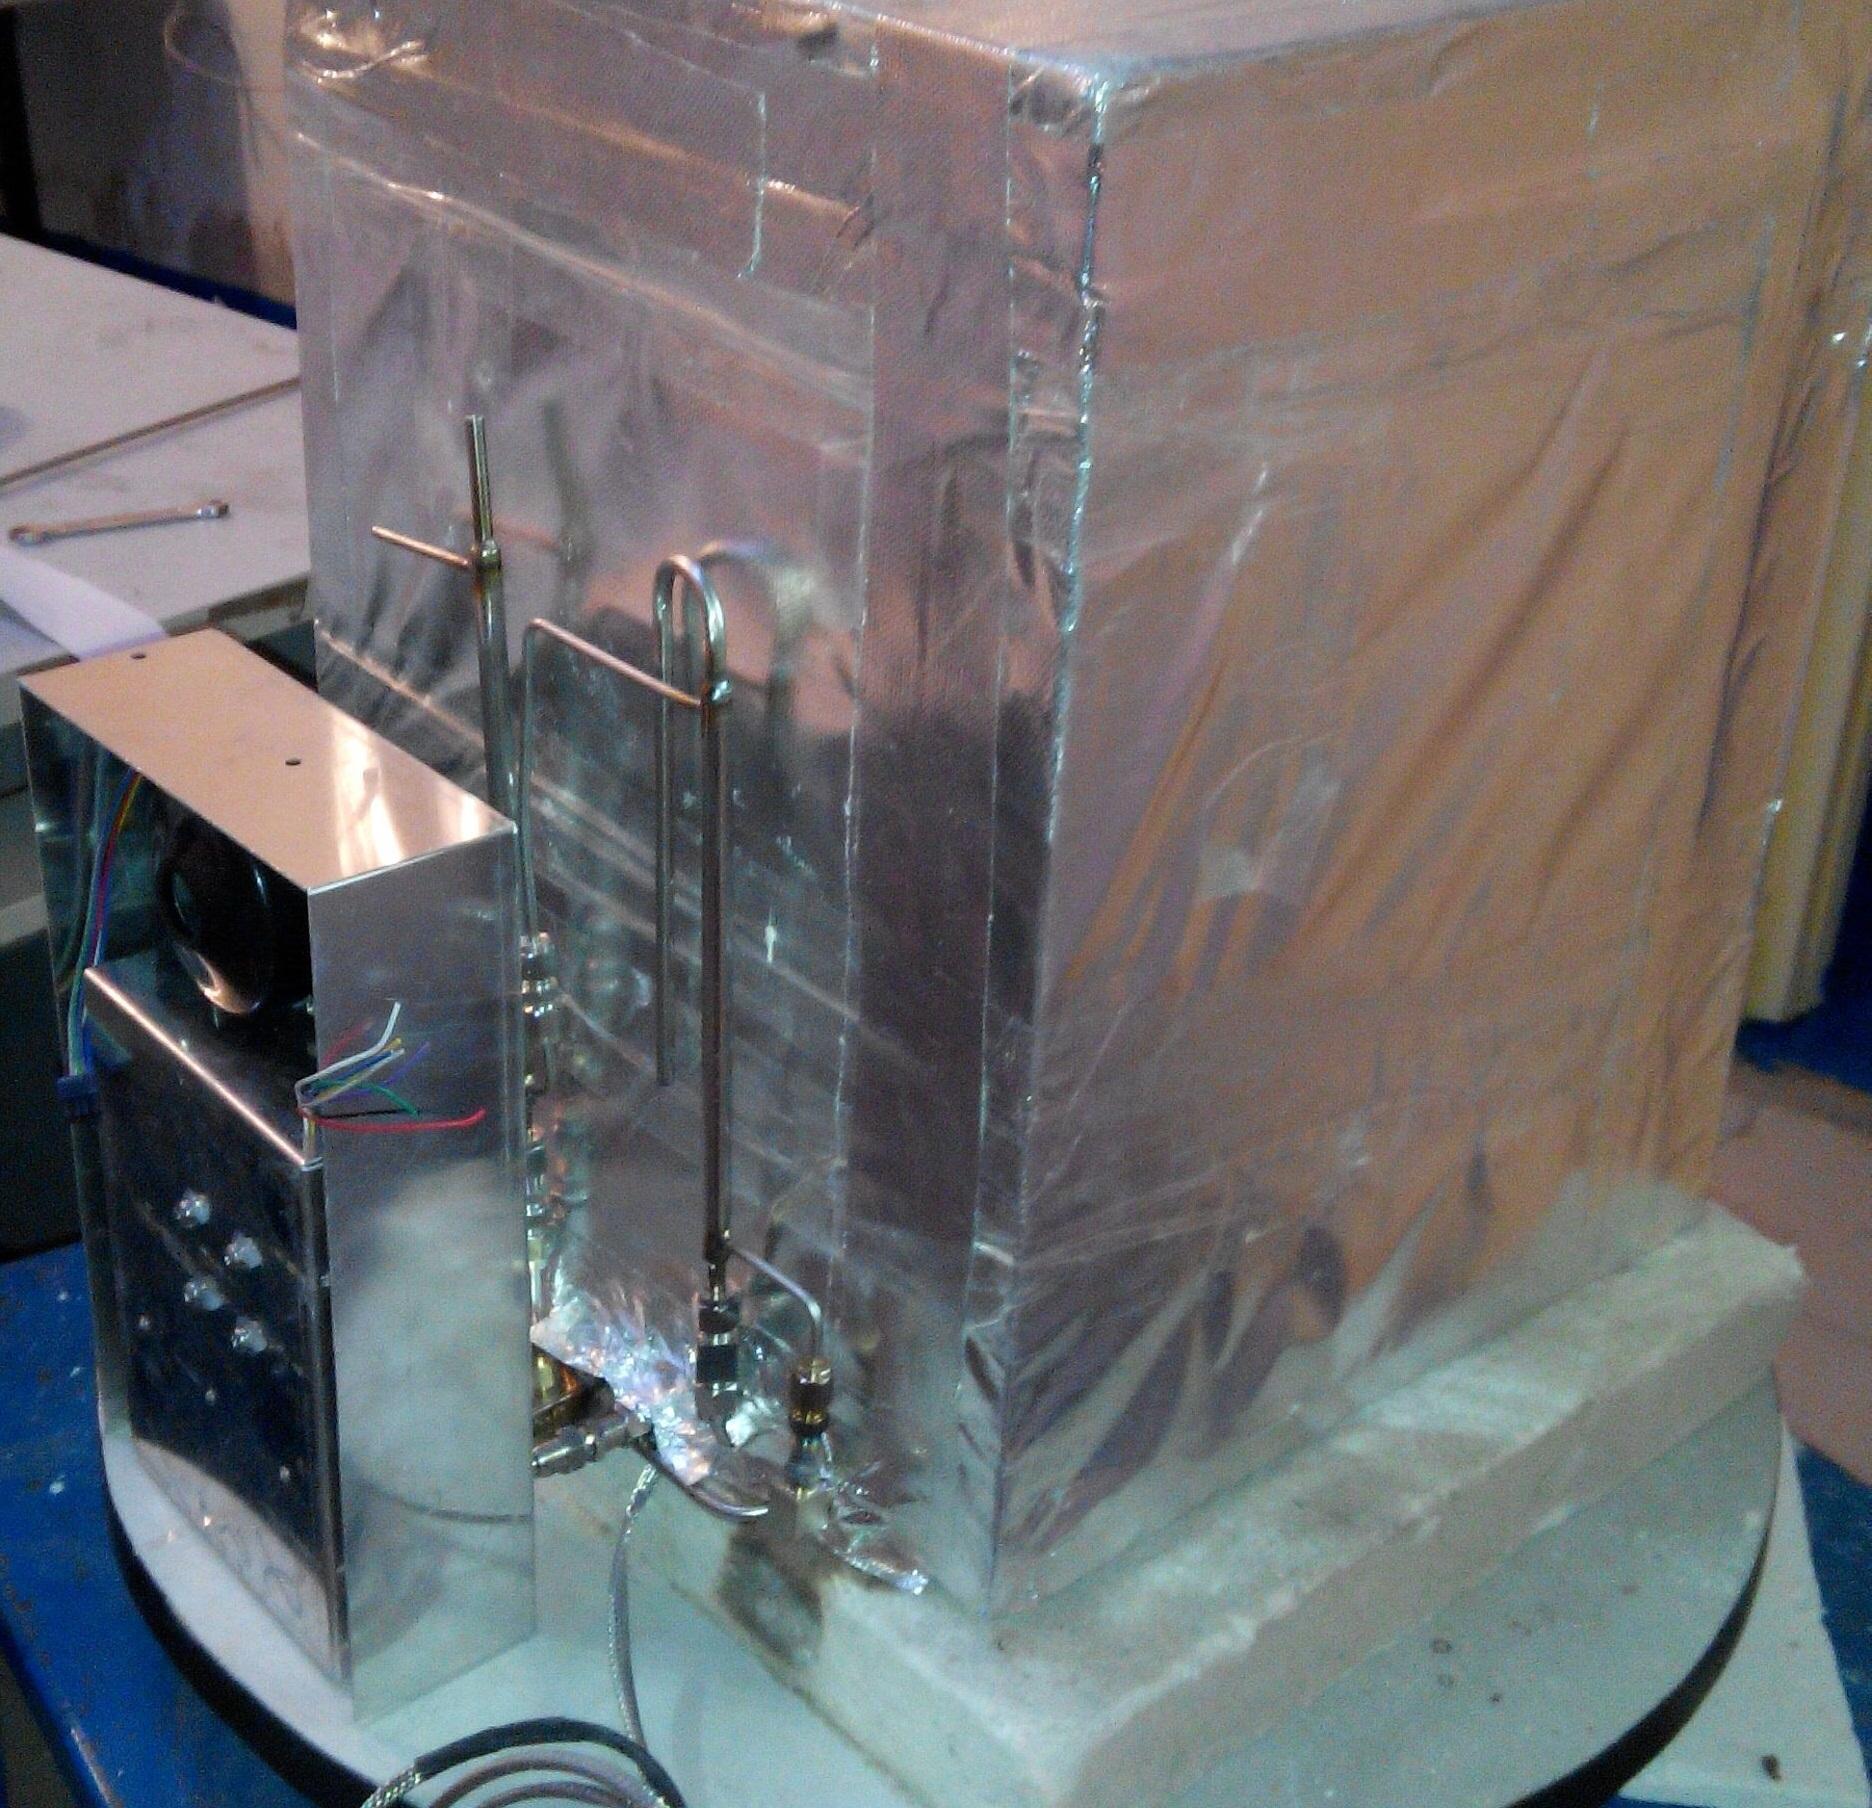 燃料电池纳米微孔隔热异形件